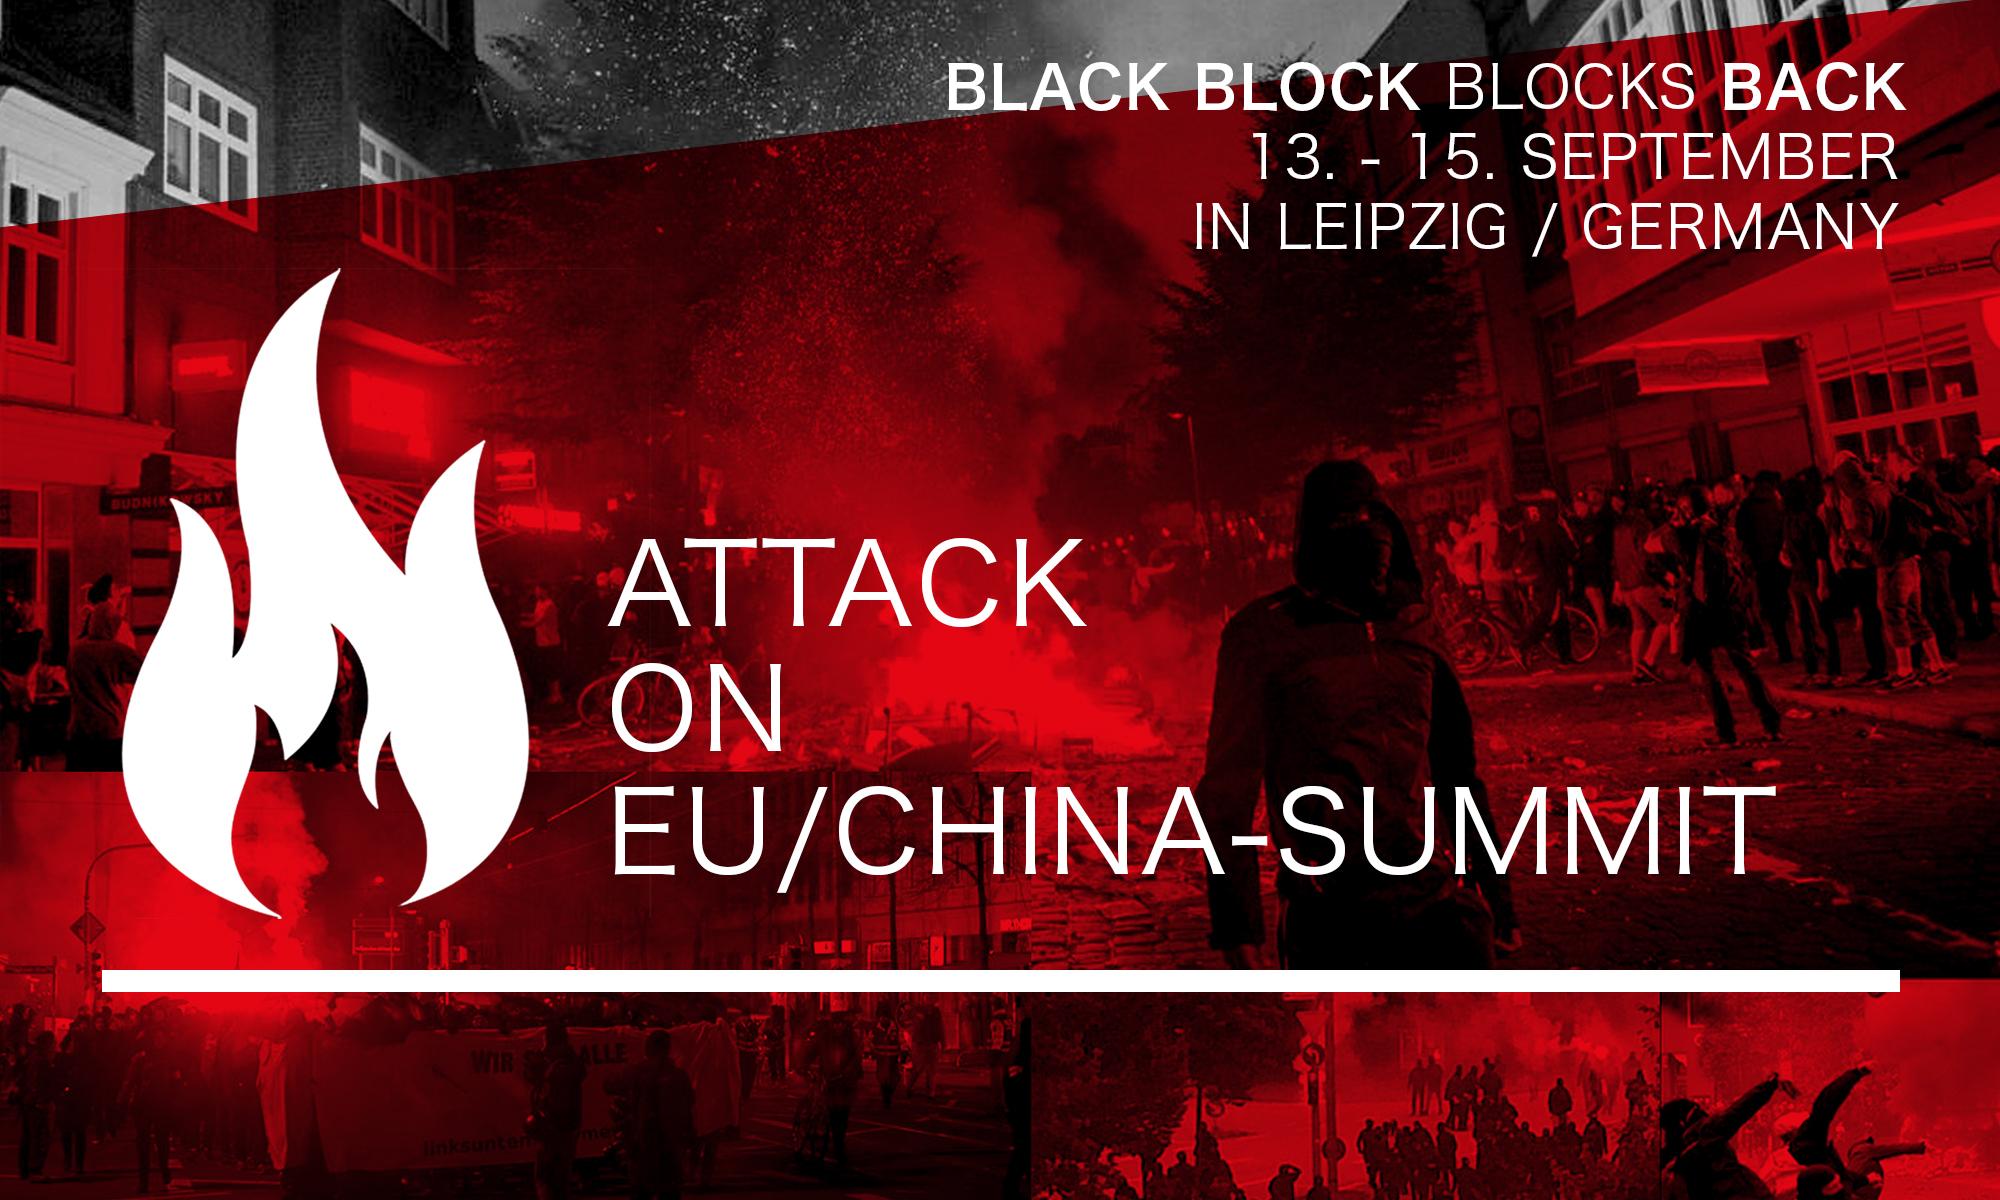 Gegen den EU-China-Gipfel in Leipzig